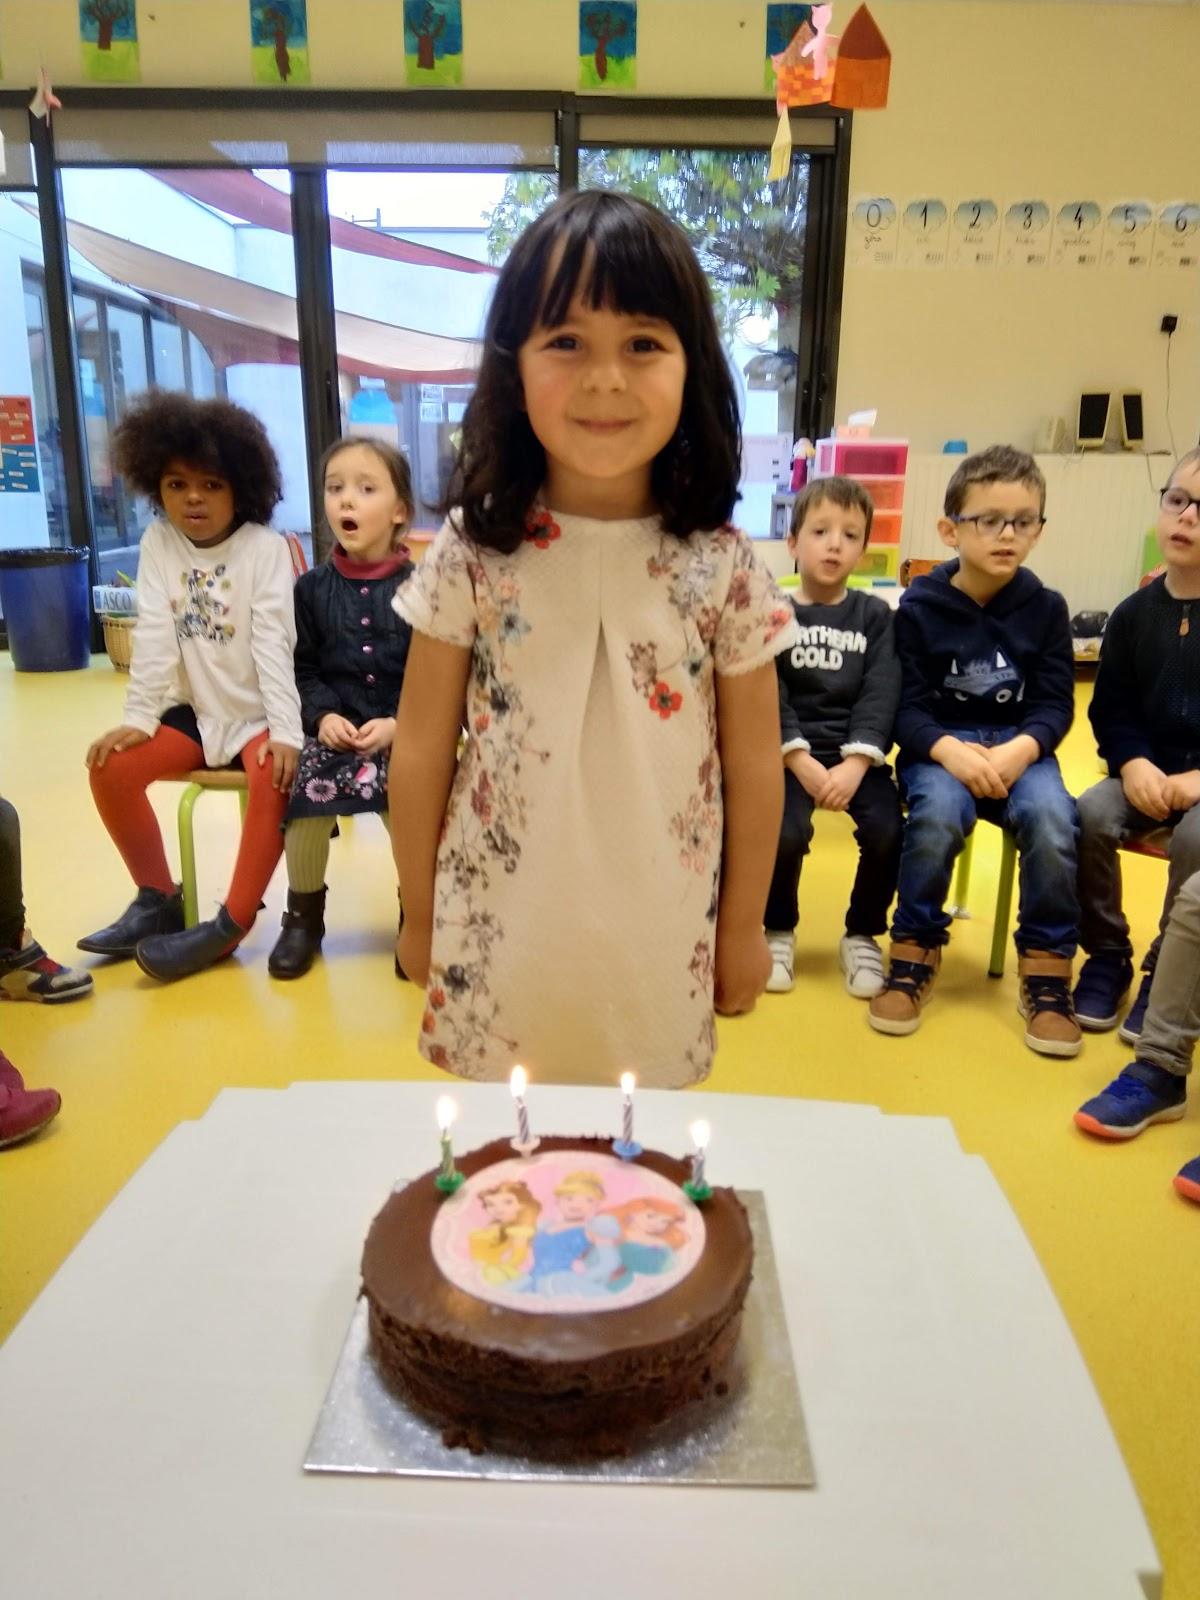 gâteau de bonbons anniversaire